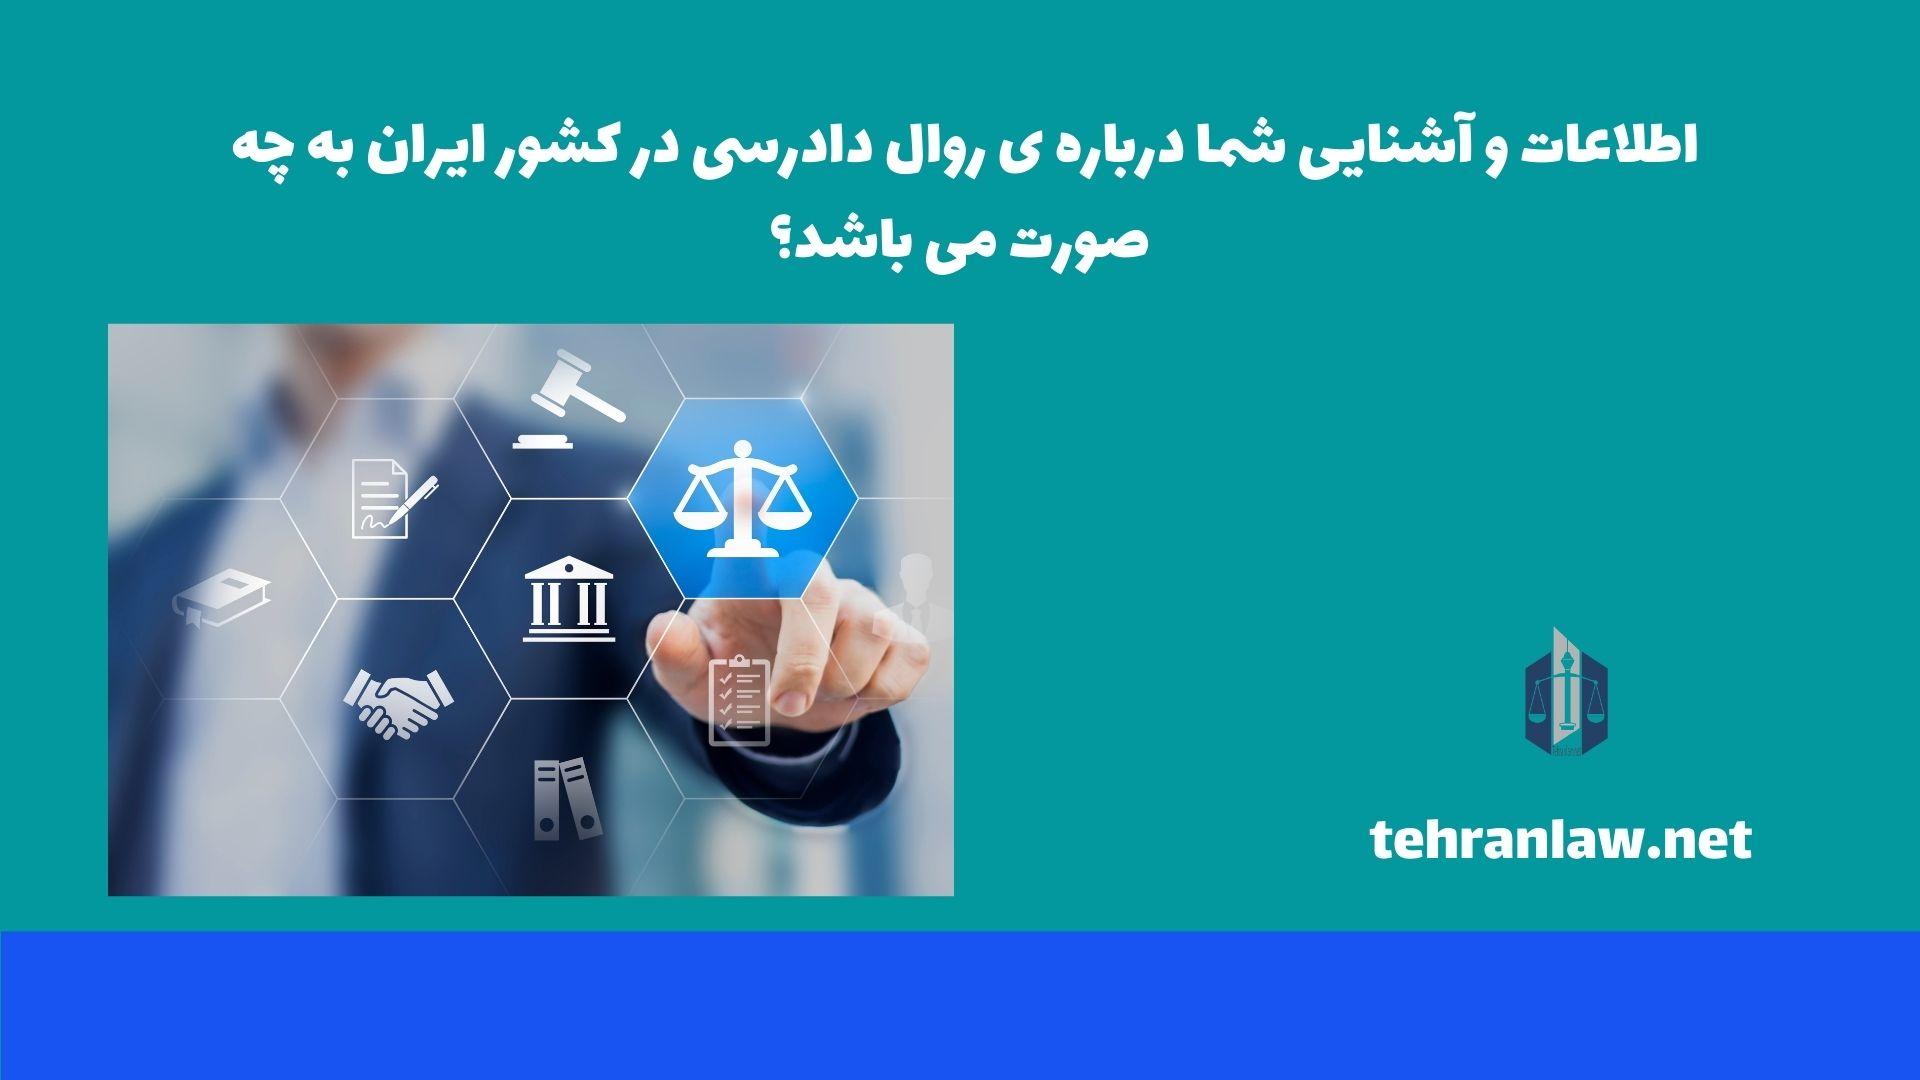 اطلاعات و آشنایی شما درباره ی روال دادرسی در کشور ایران به چه صورت می باشد؟